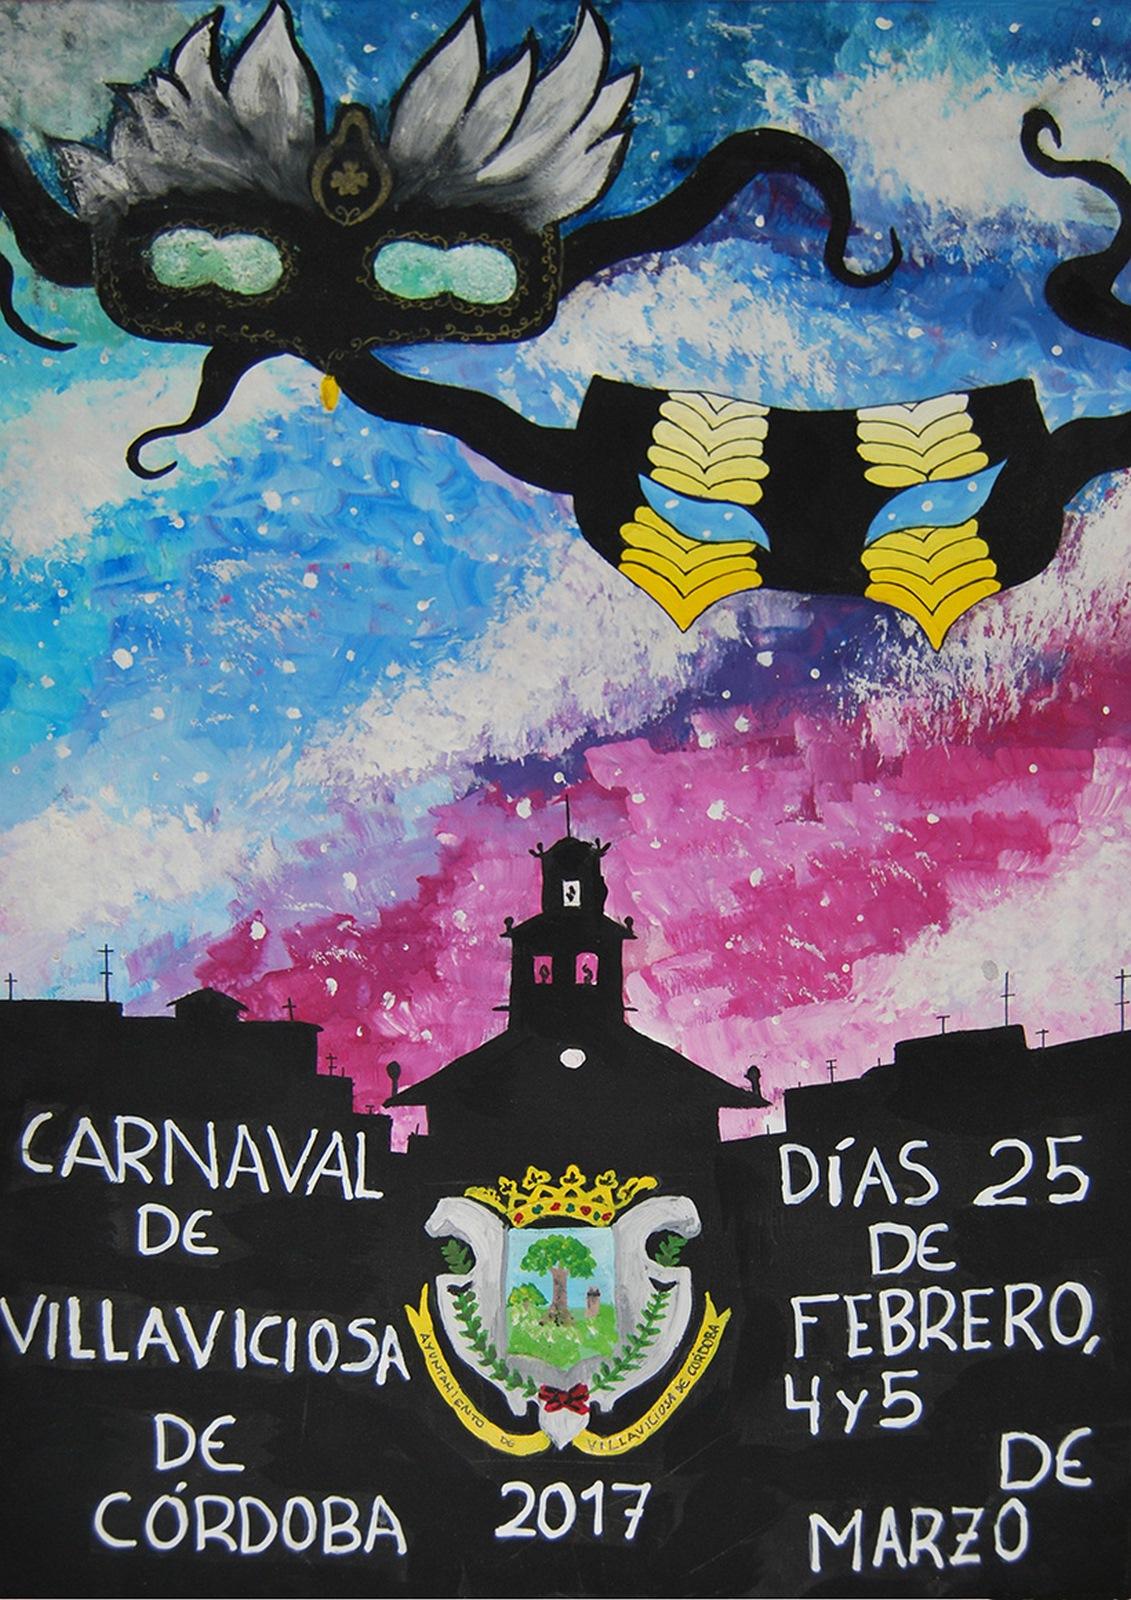 Carnavales en c rdoba 2017 aznalfarache for Azulejeria antigua cordoba